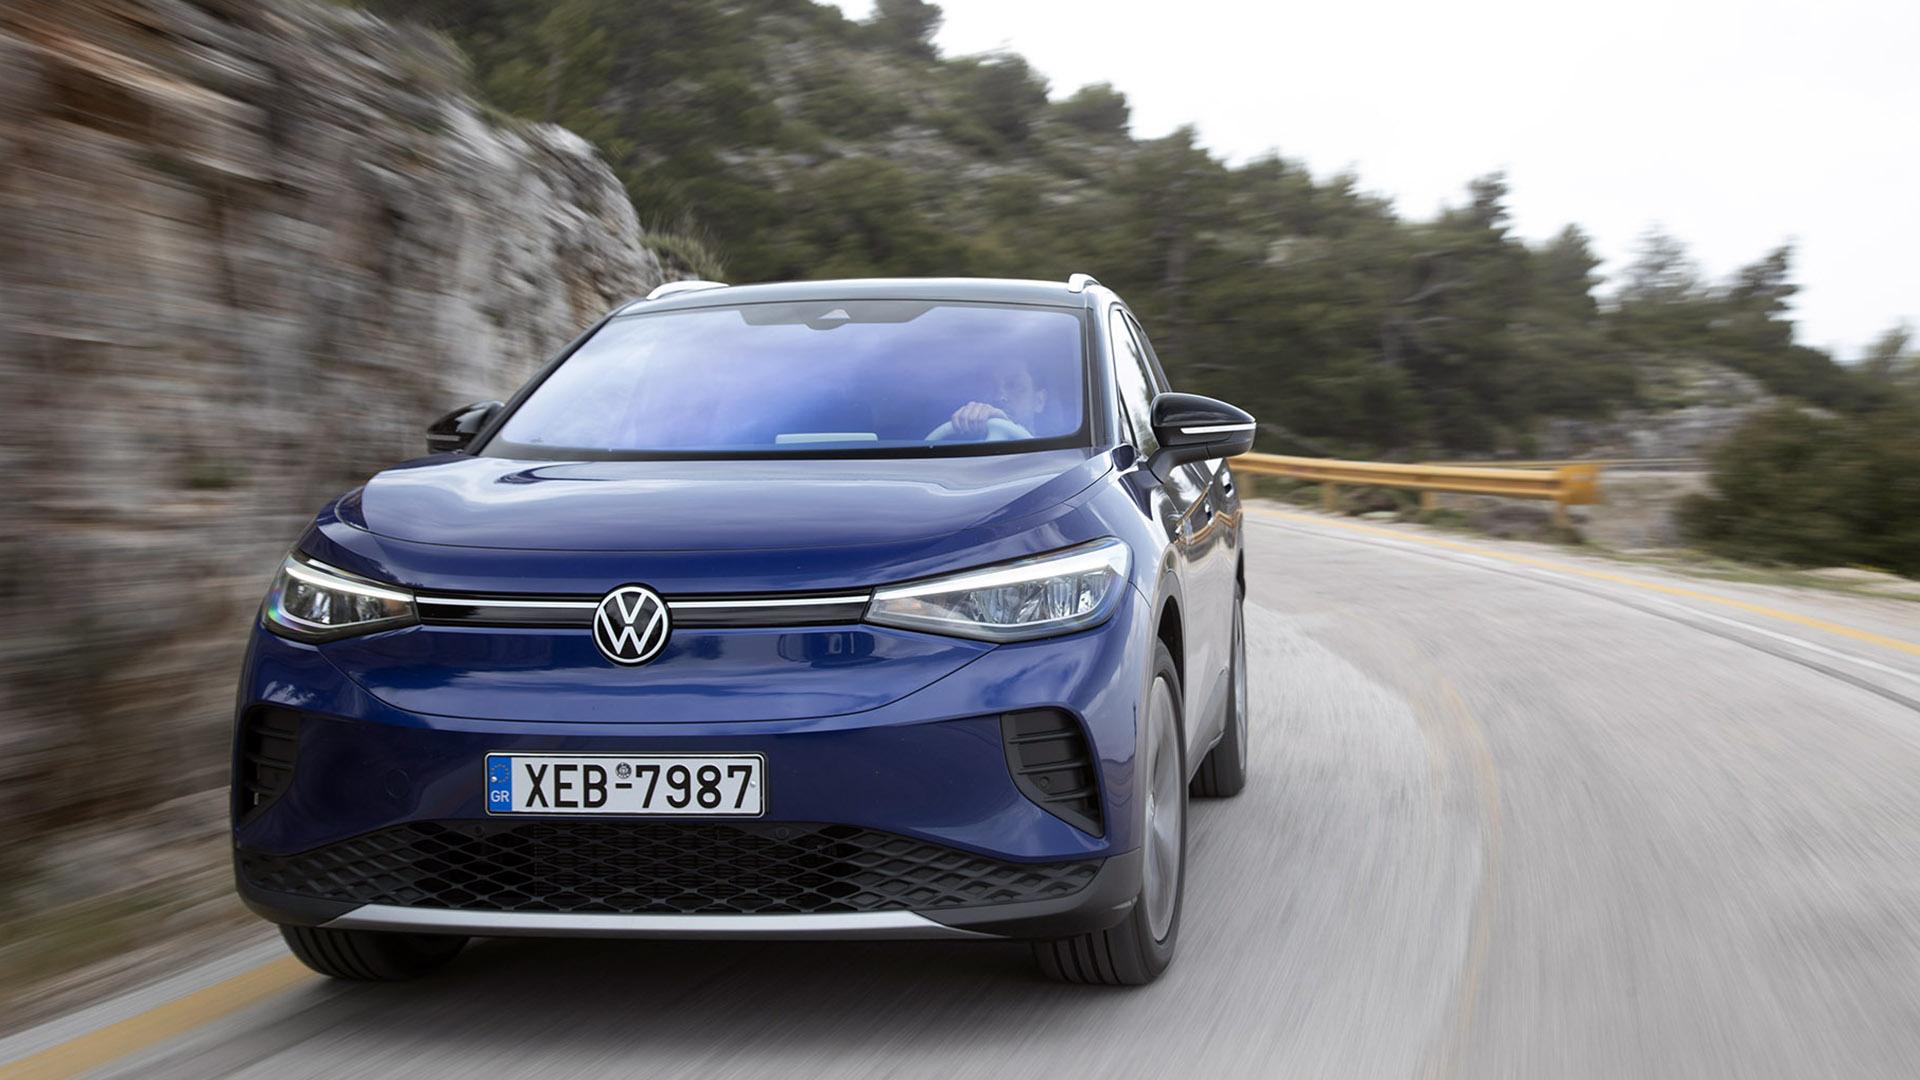 VW ID.4: Δοκιμάζουμε το πρώτο ηλεκτρικό SUV της Volkswagen (video)